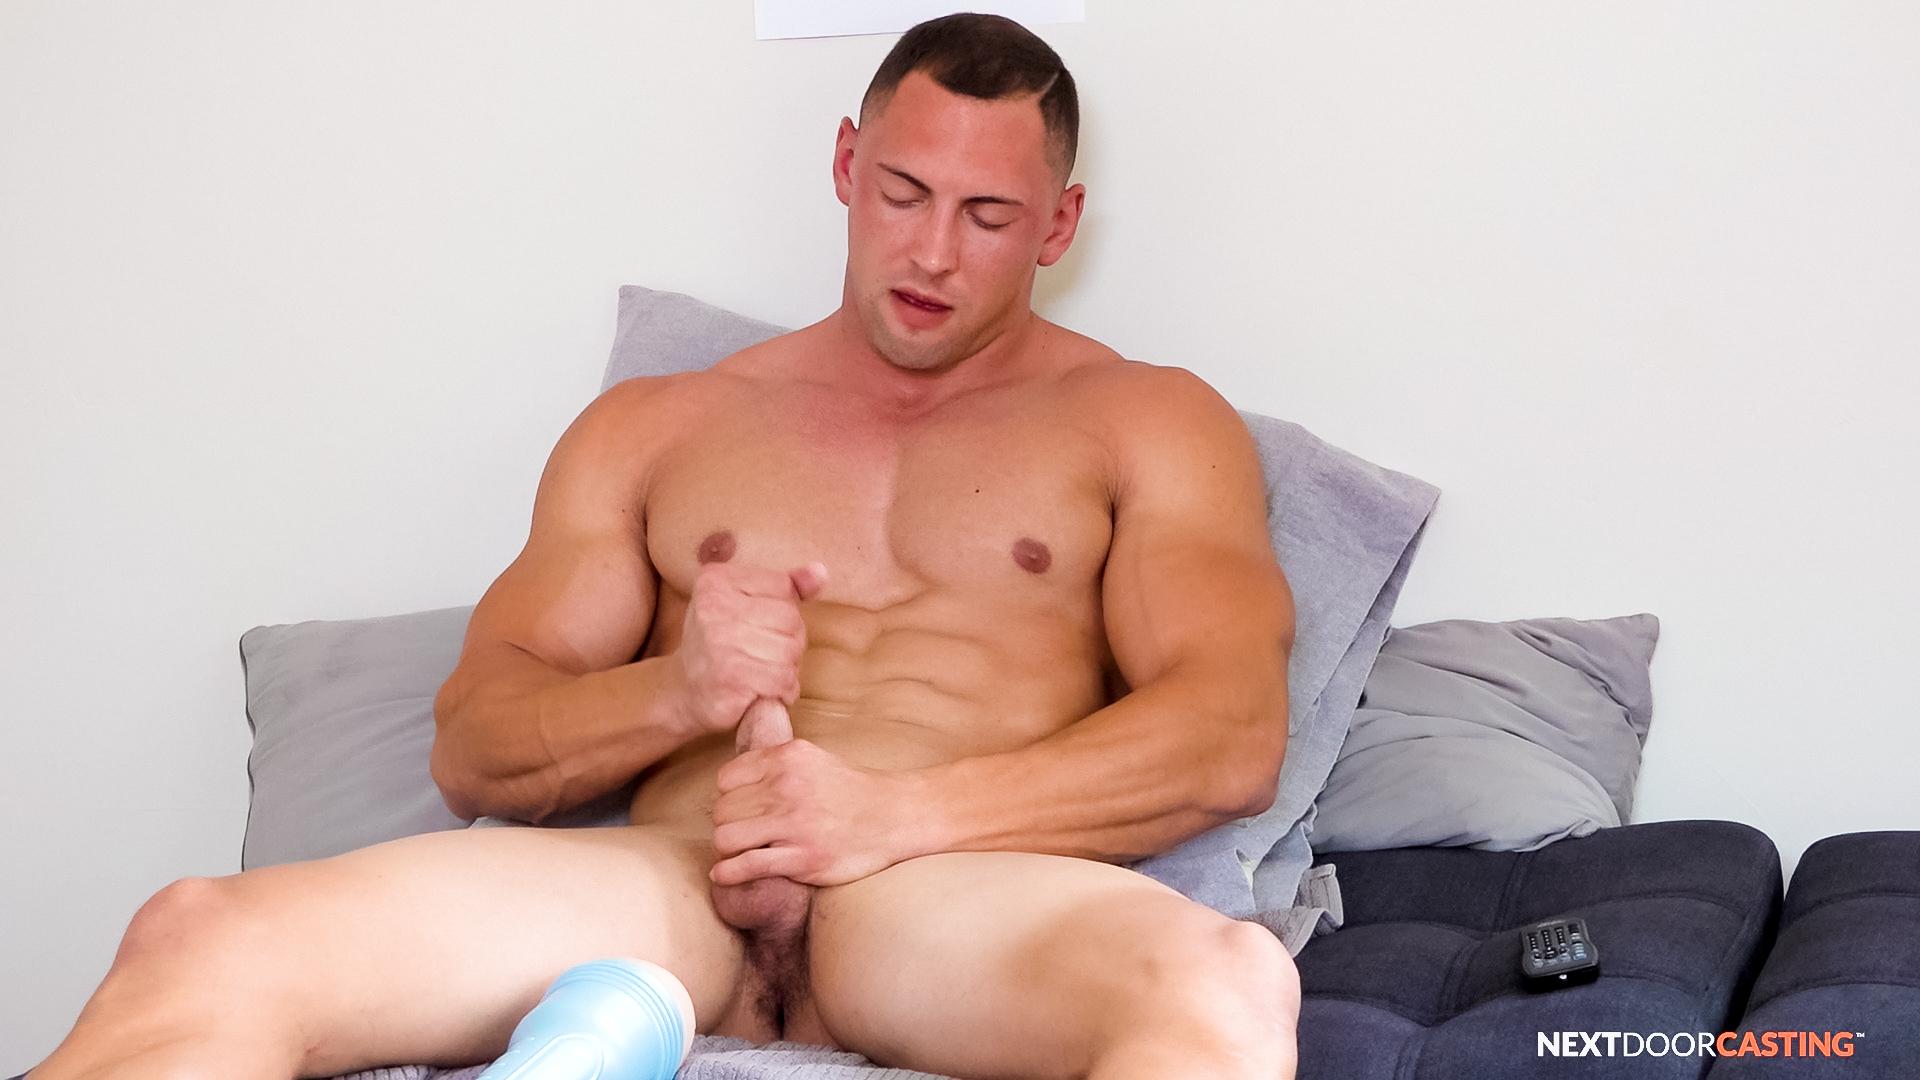 brodie daniels gay porn next door